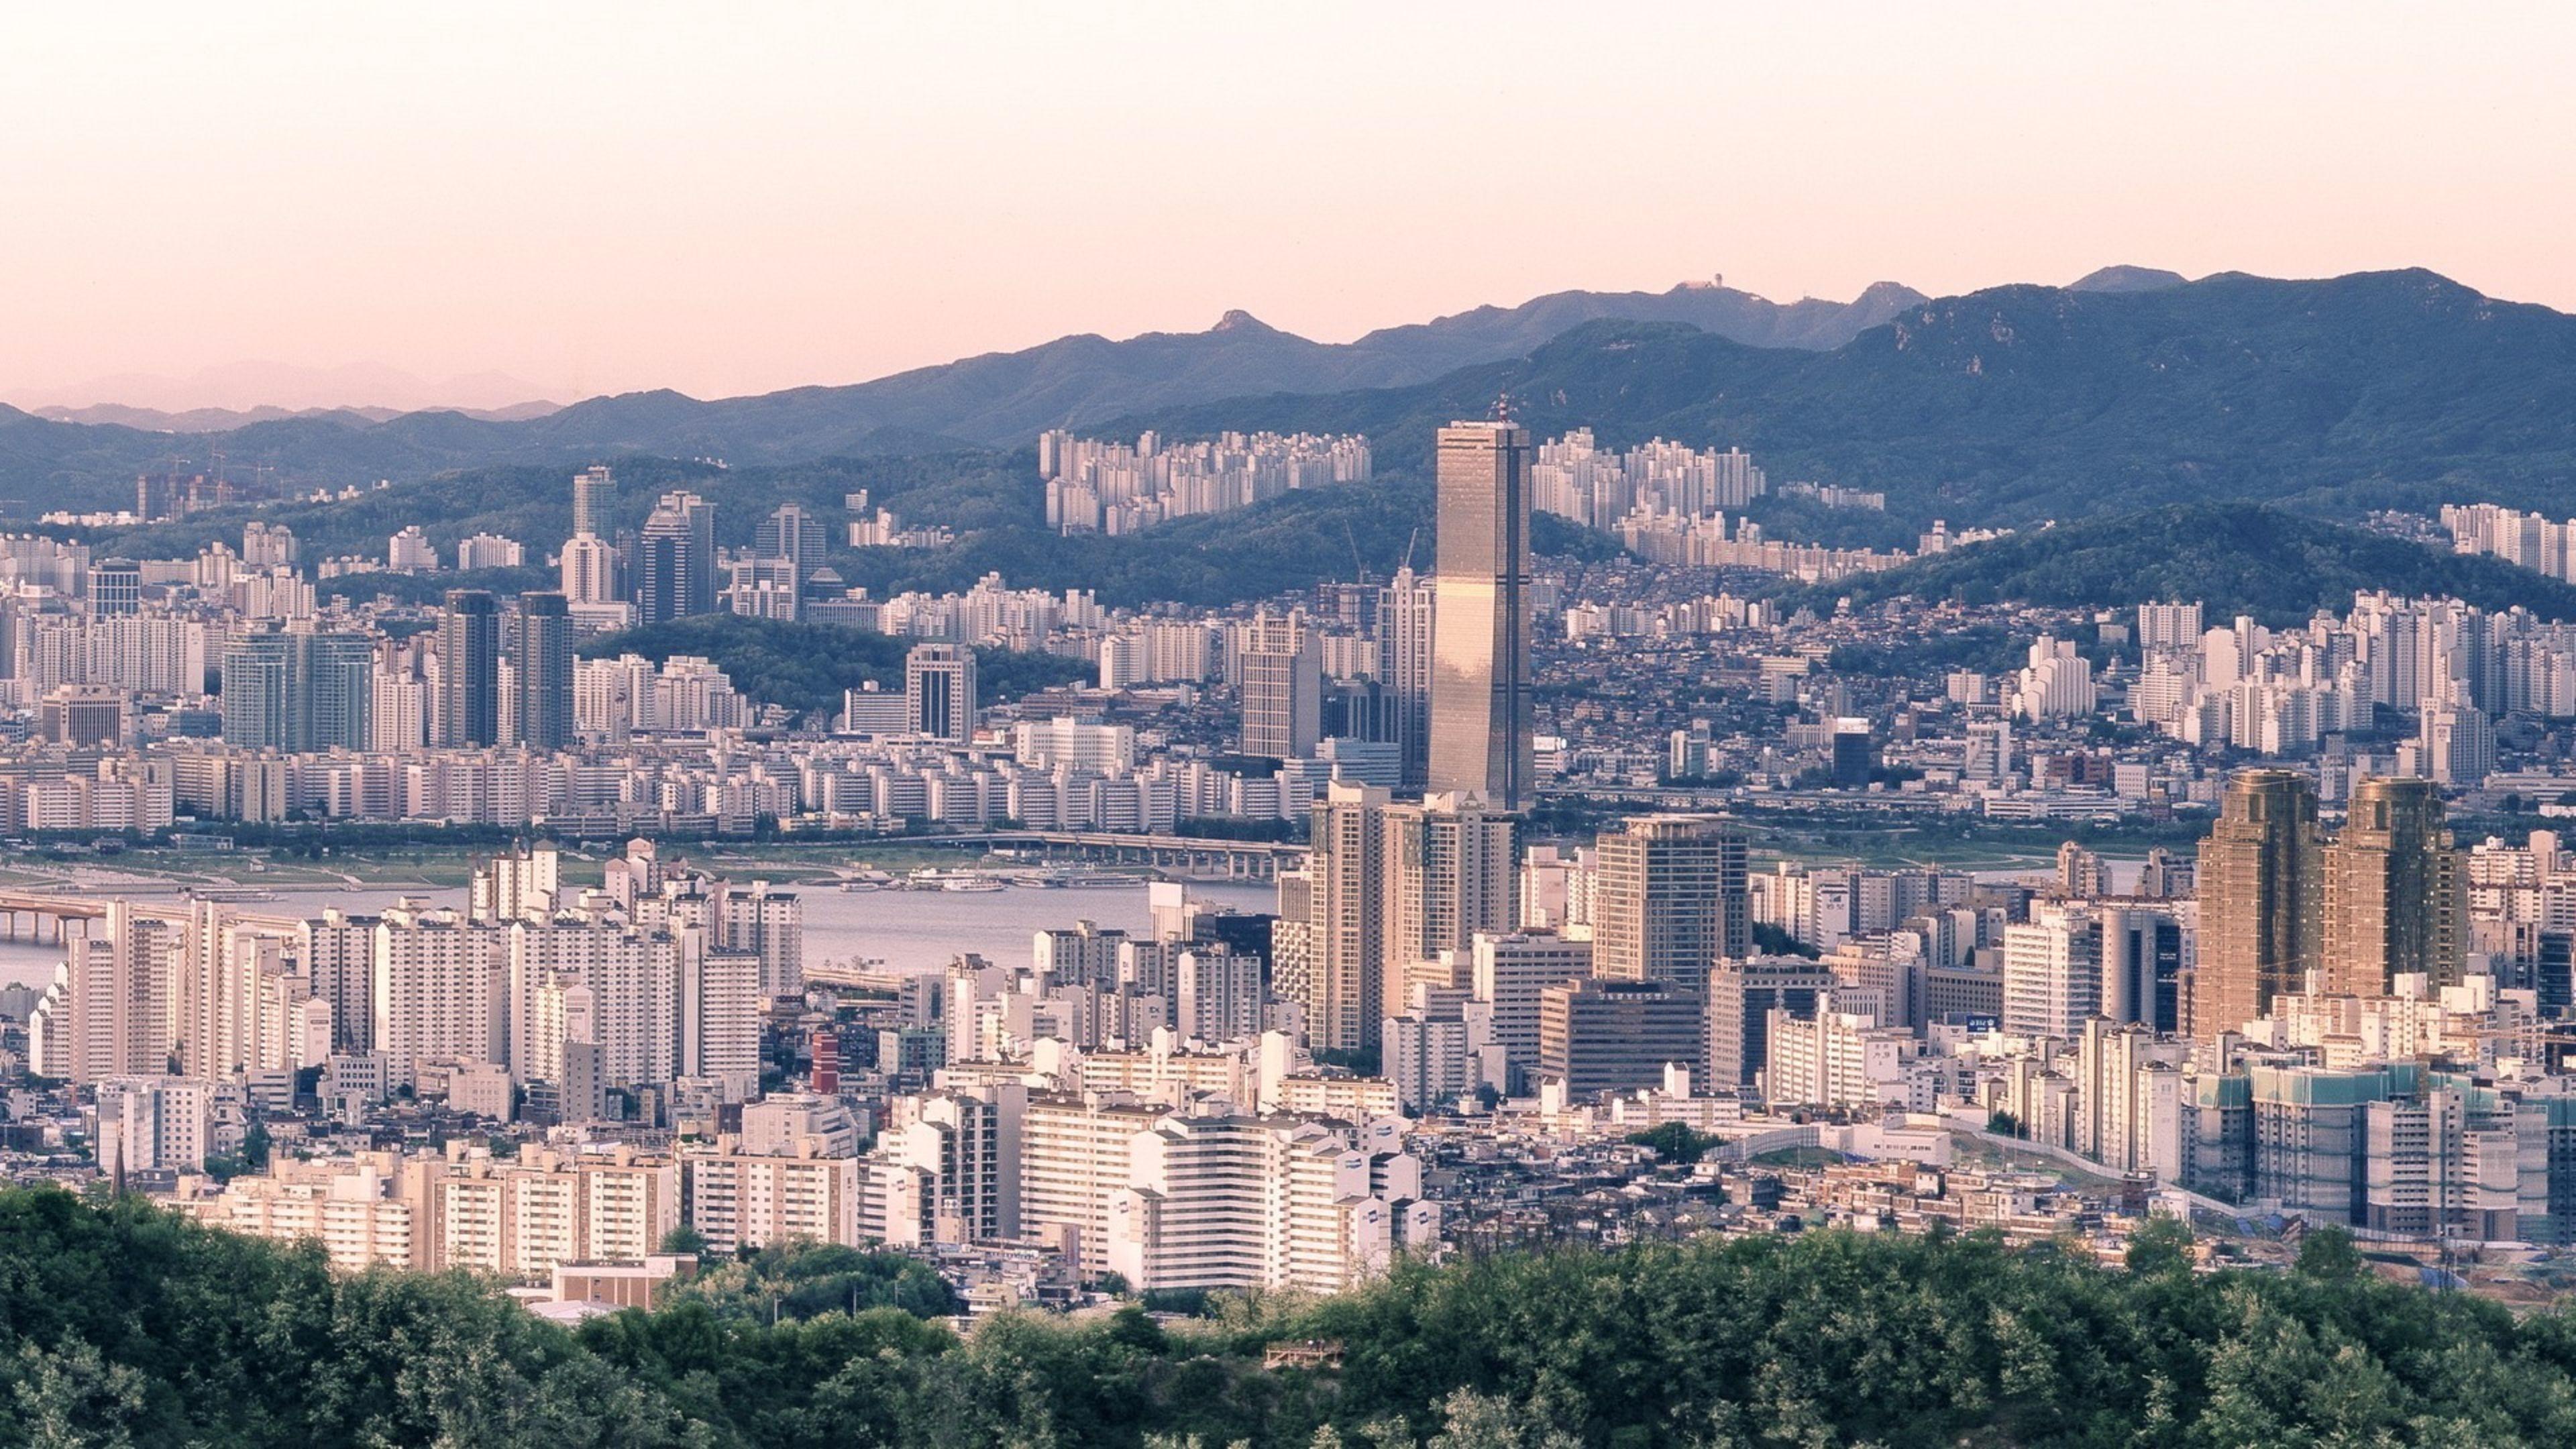 Korean Wallpaper 63 Pictures